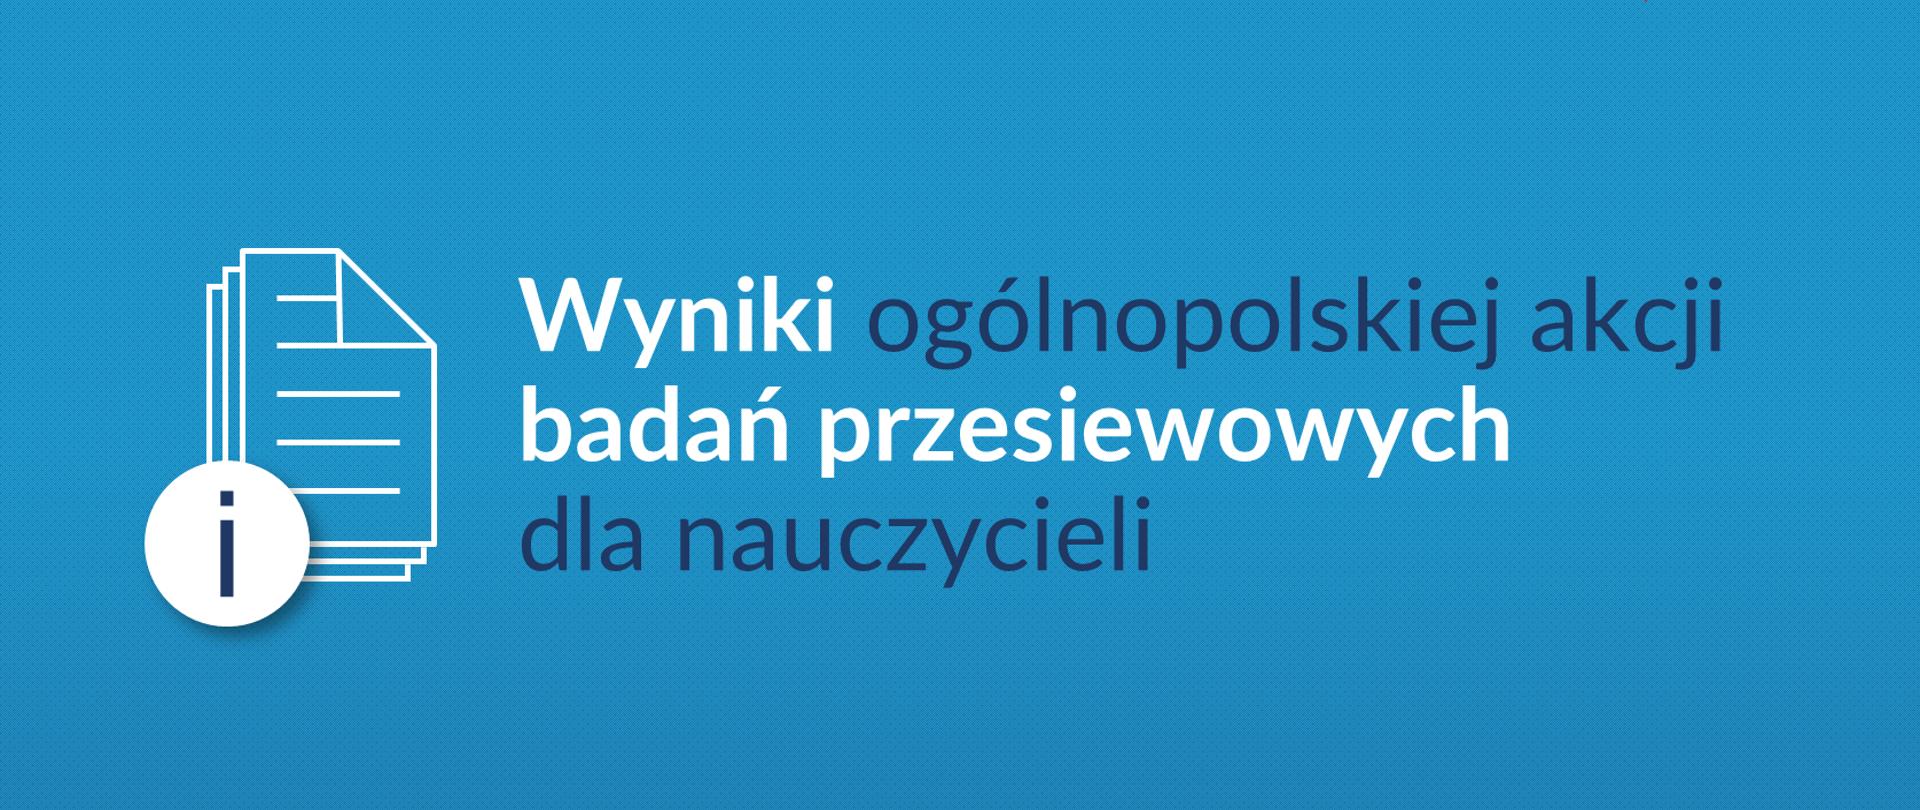 Grafika z tekstem: Wyniki ogólnopolskiej akcji badań przesiewowych dla nauczycieli.